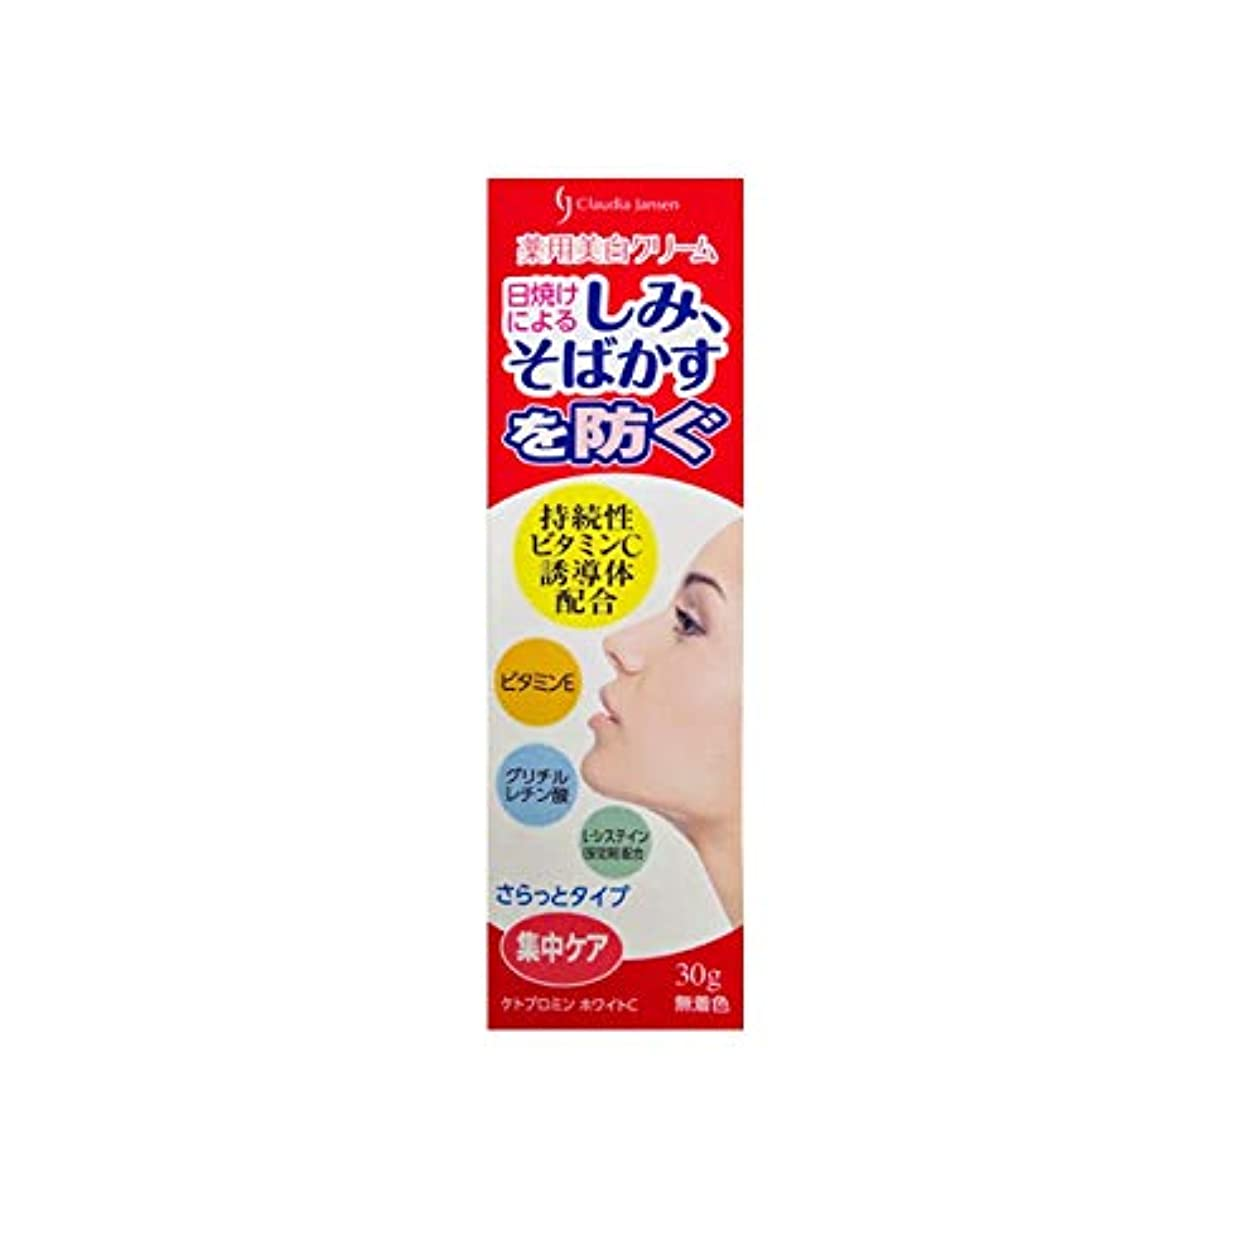 ウォーターフロント摂氏想定三友薬品 医薬部外品 薬用ホワイトニングクリームC 30g